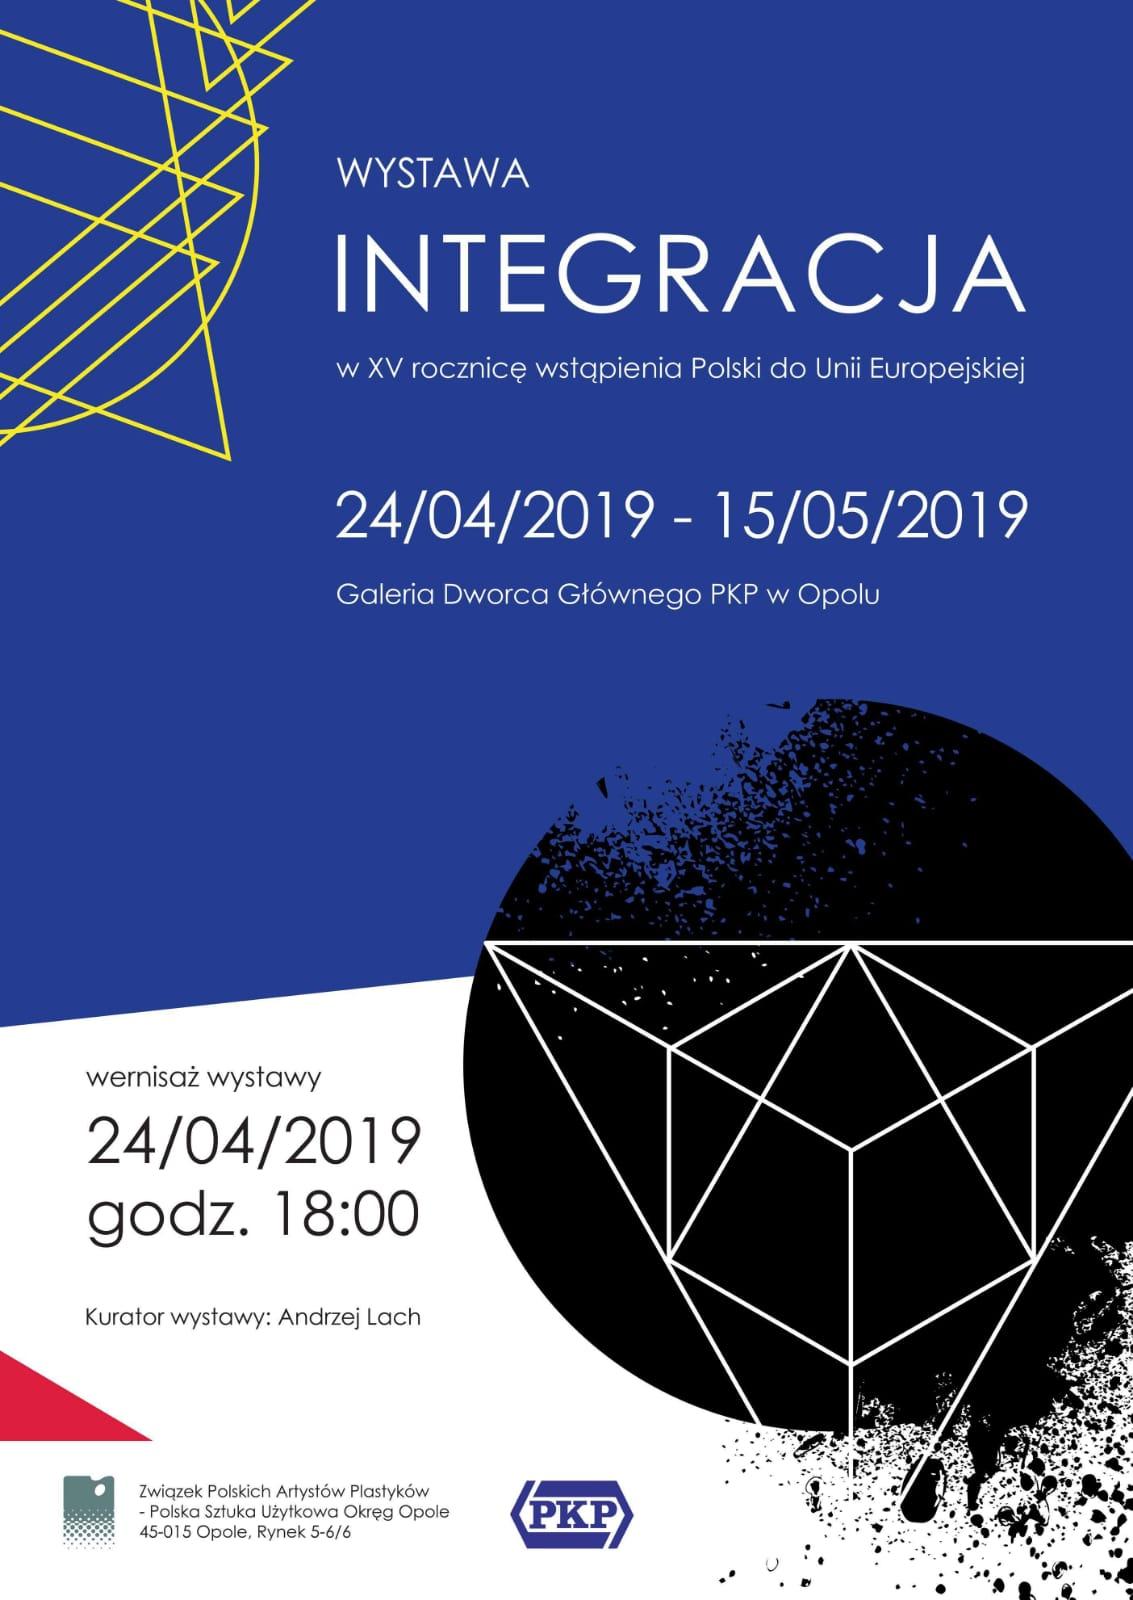 Otwarcie wystawy INTEGRACJA